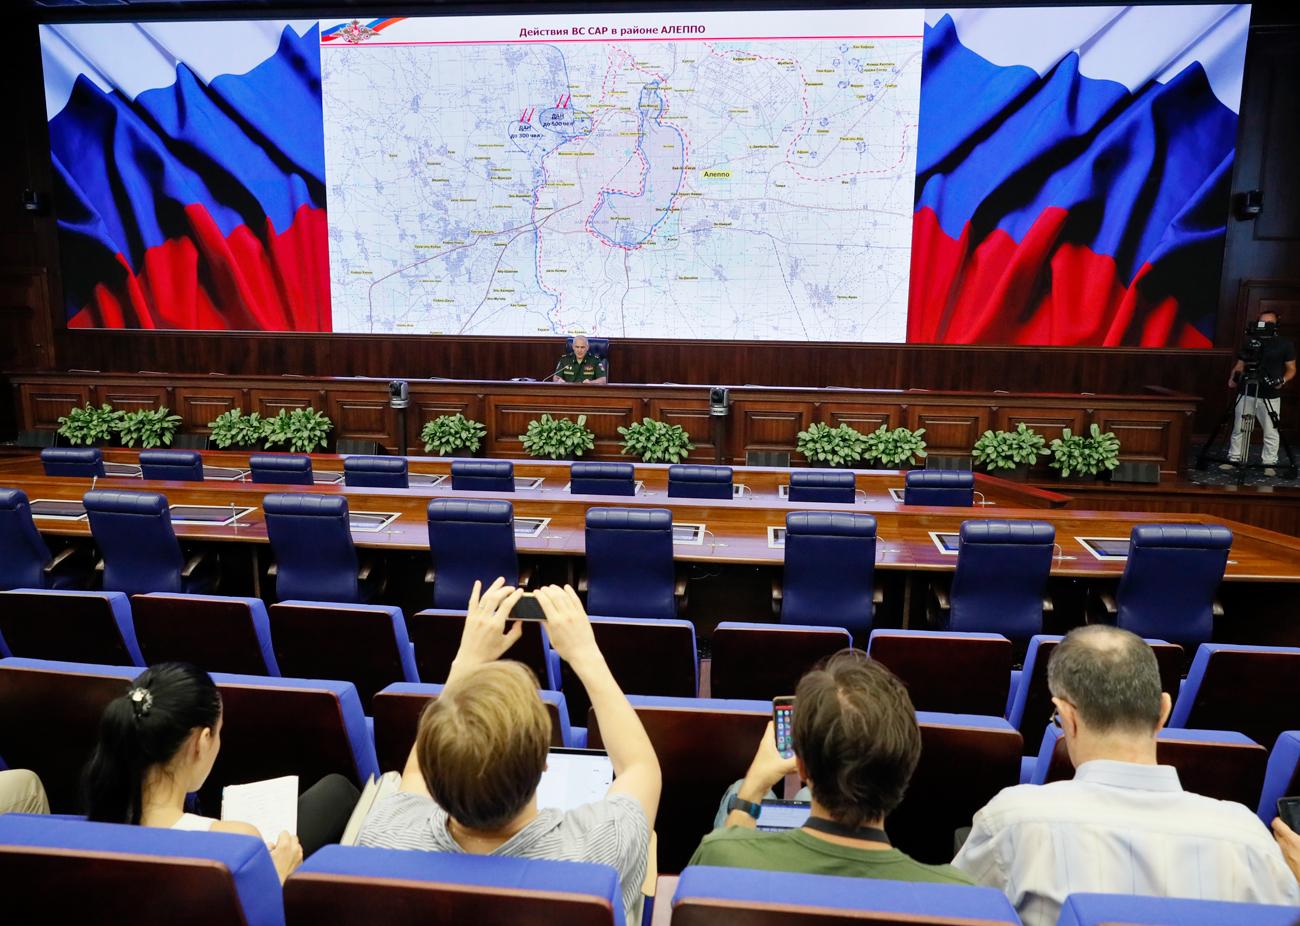 Anfang August präsentierte Sergej Rudskoj, Vertreter des russischen Verteidigungsministeriums, in Moskau eine aktuelle Karte der Militärhandlungen rund um Aleppo.